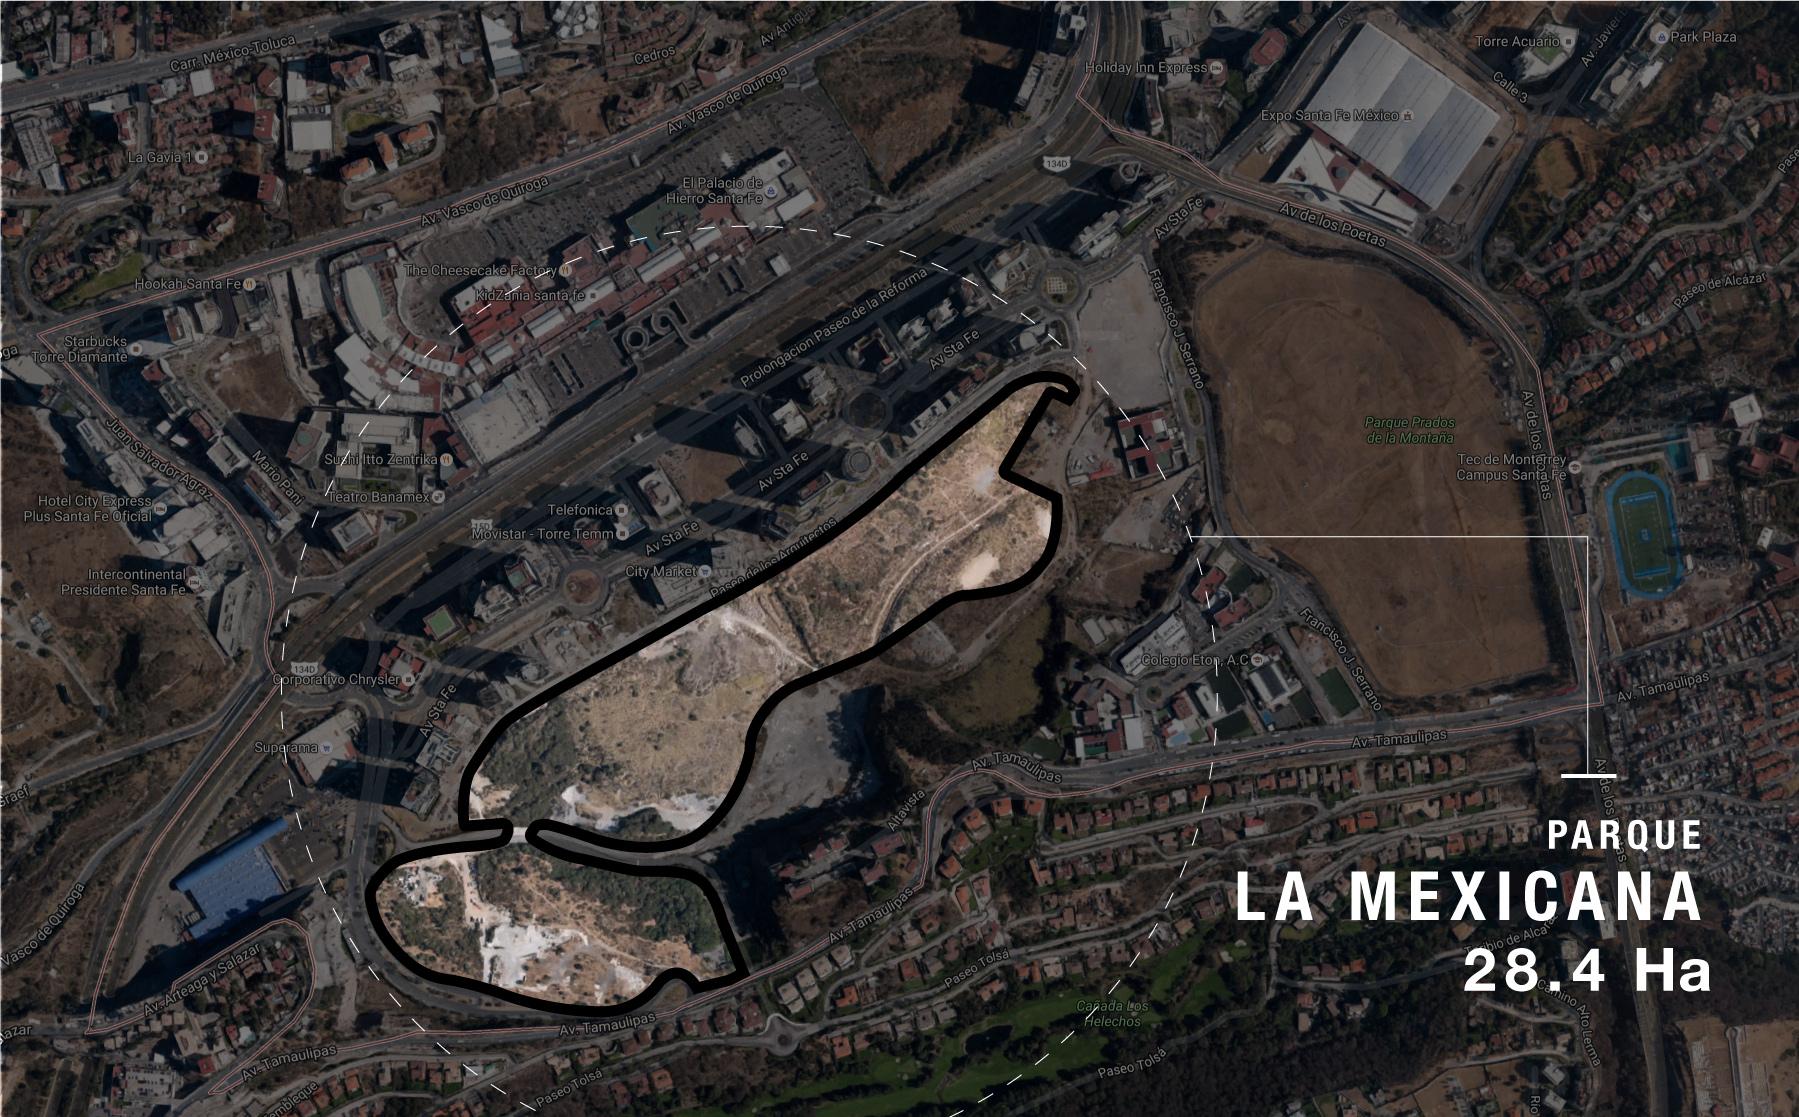 LA-MEXICANA_negro